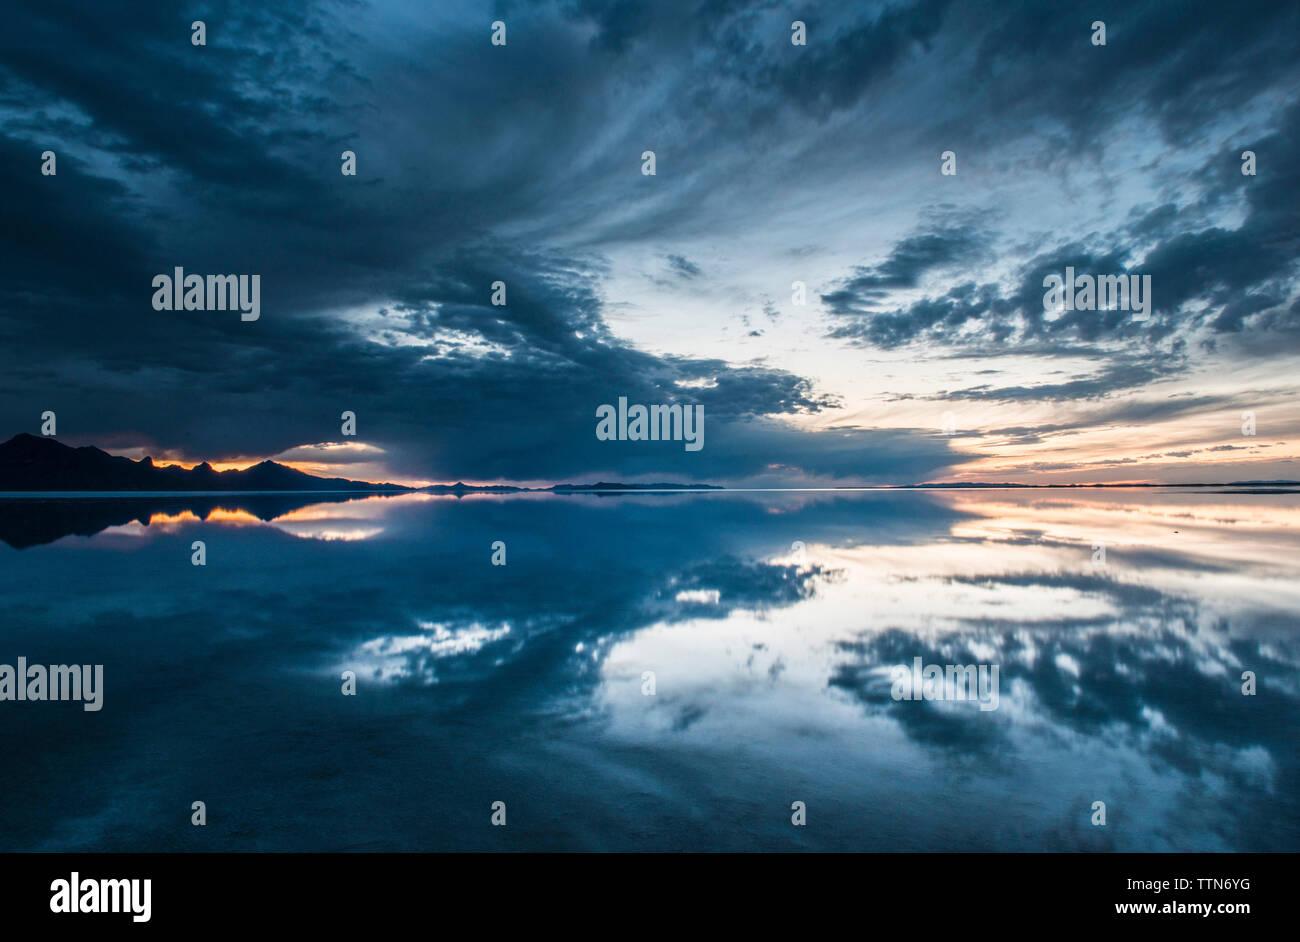 Symmetry view of Bonneville Salt Flats against cloudy sky Stock Photo